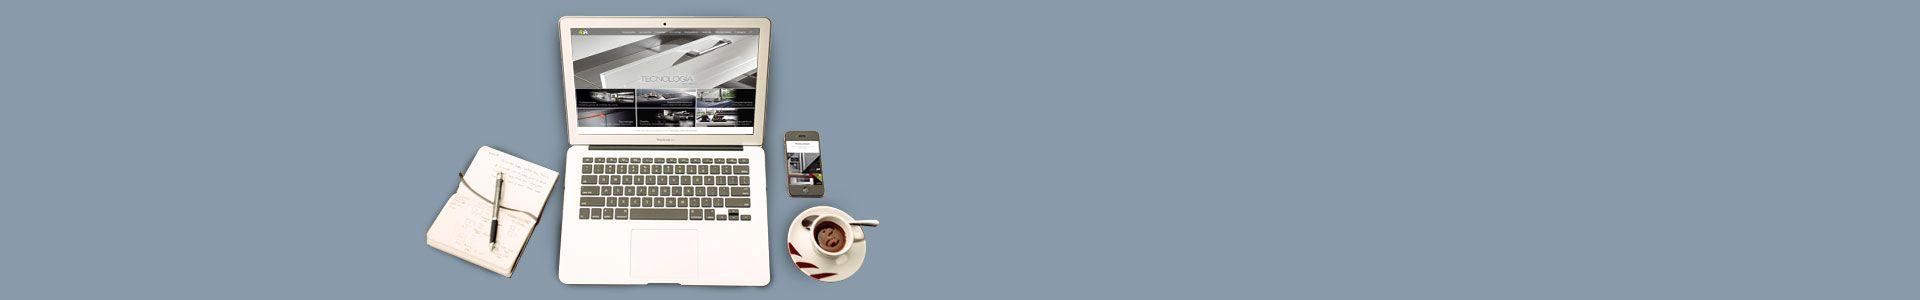 KH al Dia | KüchenHouse Cocinas | Novedades en mobiliario de cocinas | Catálogo de cocinas | Ideas de decoración | Cocinas de Diseño Modernas | Cocinas Alemanas a precio de fábrica